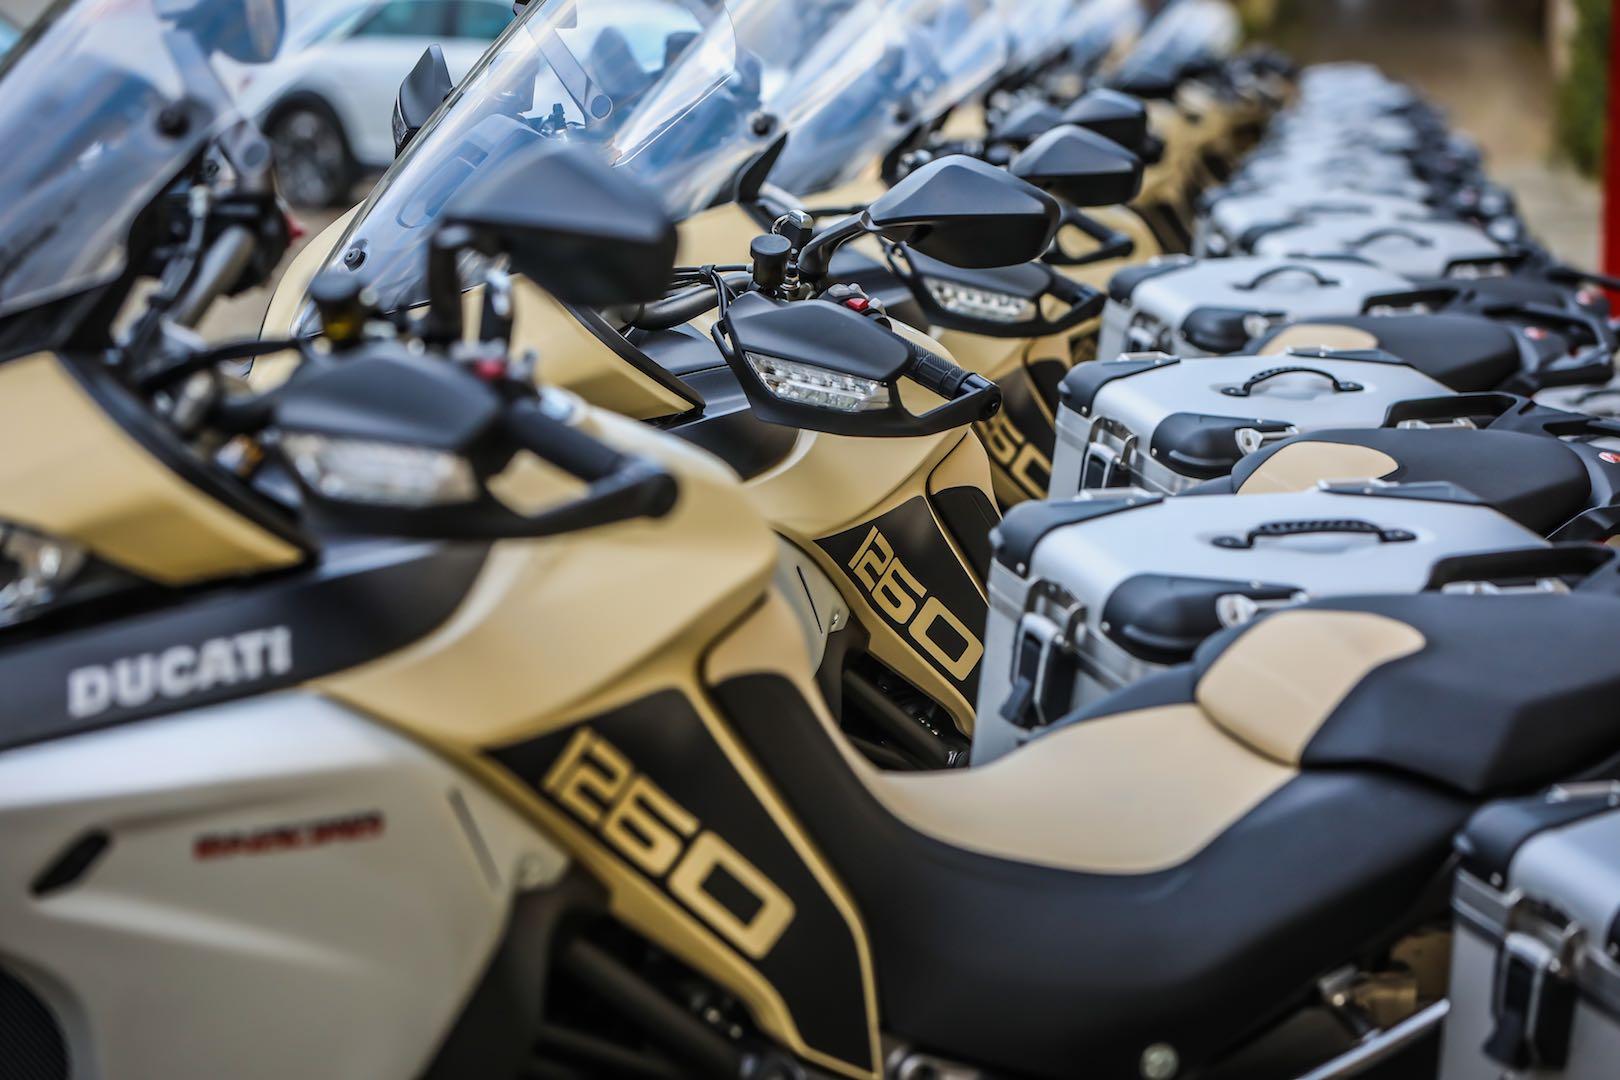 2019 Ducati Multistrada 1260 Enduro sand color